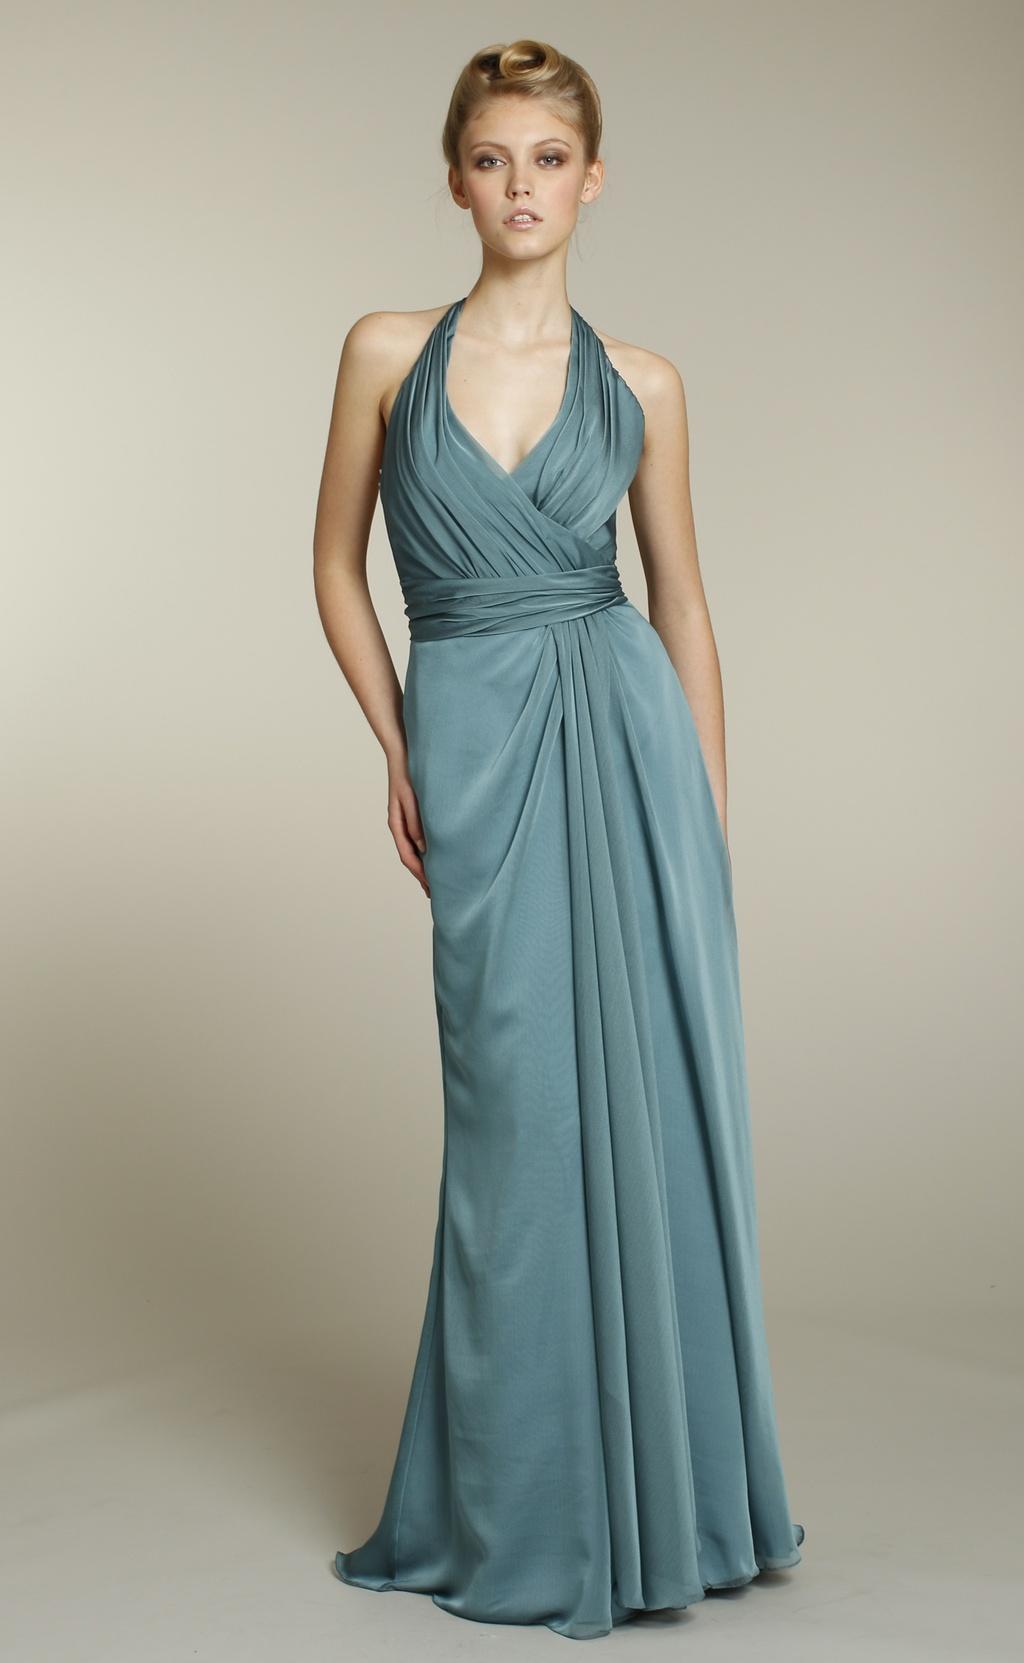 Bridesmaids-dress-formal-long-teal-halter-neckline-lazaro-2011-5176.full